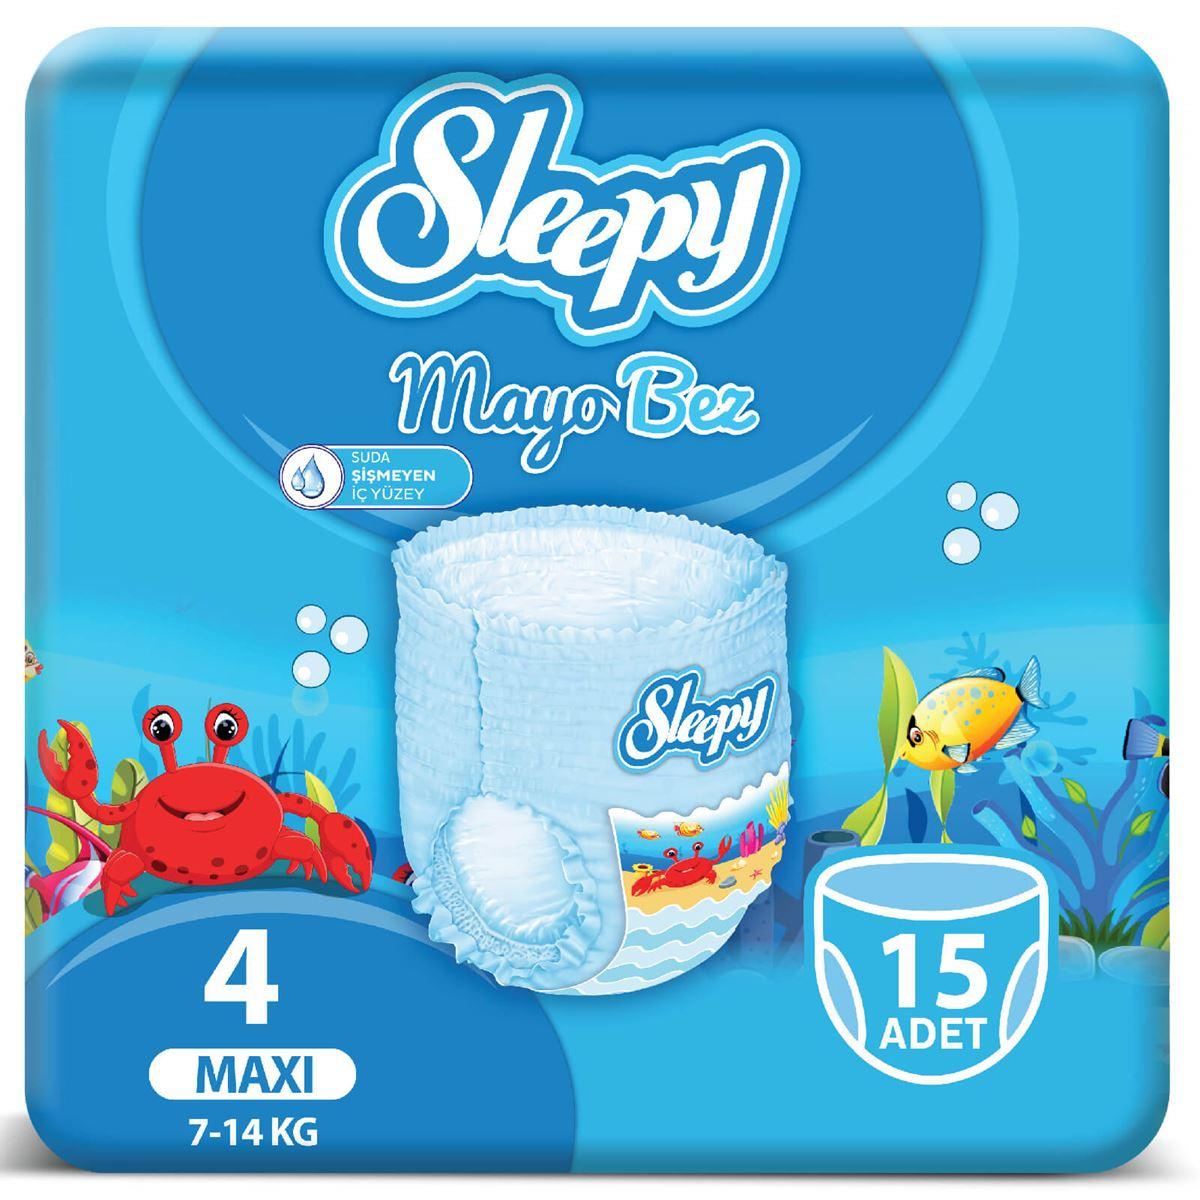 Sleepy Mayo KÜLOT Bez 4 Numara Maxi 15 Adet